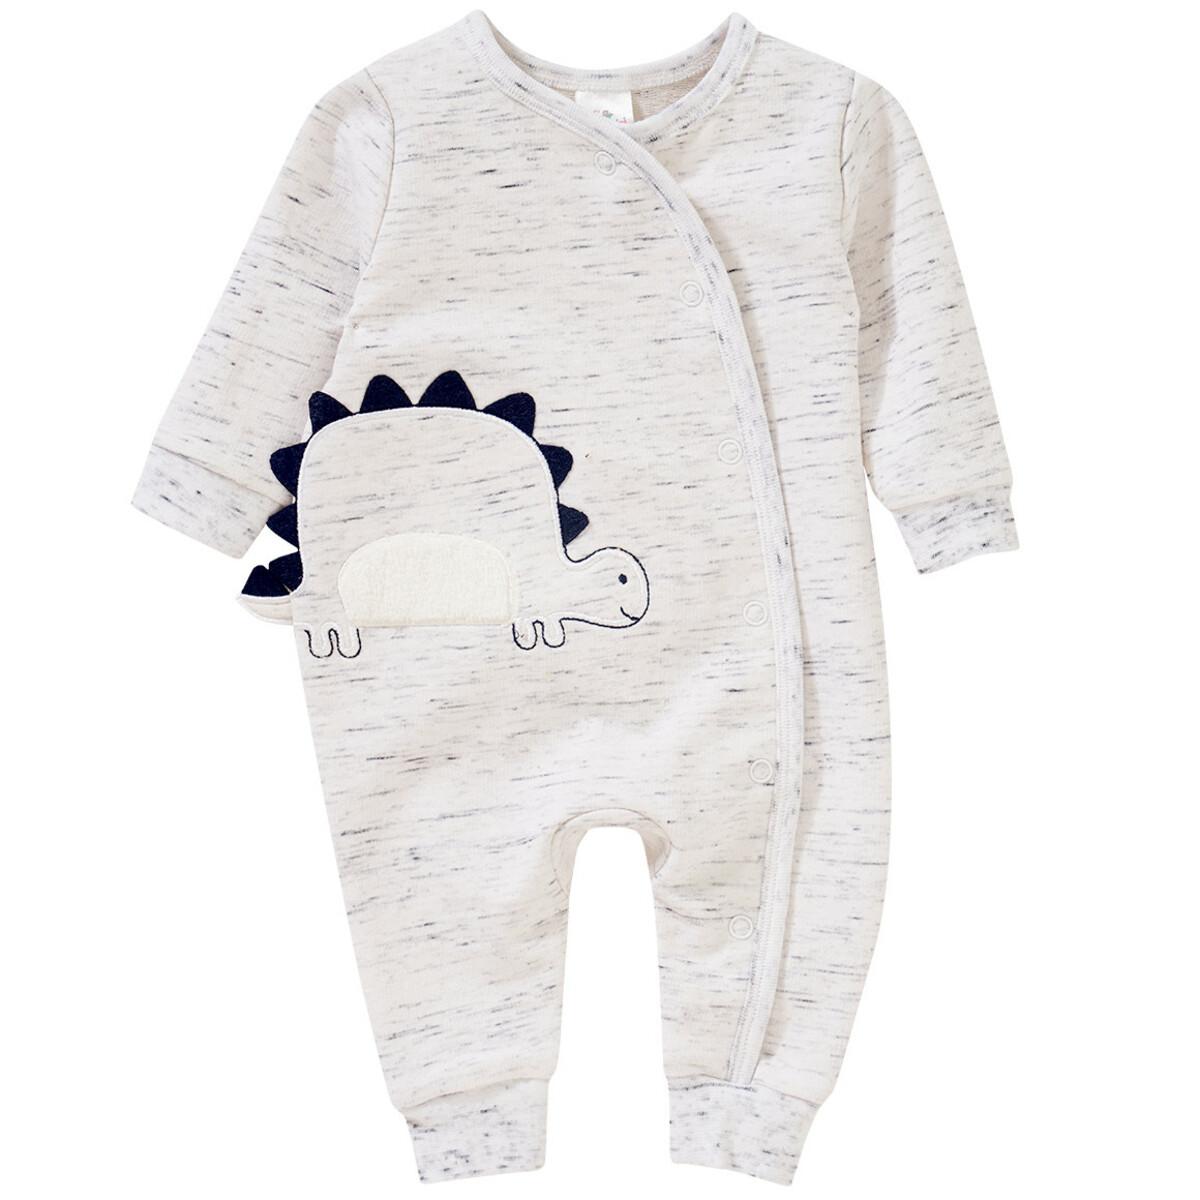 Bild 1 von Newborn Schlafanzug mit Dino-Applikation